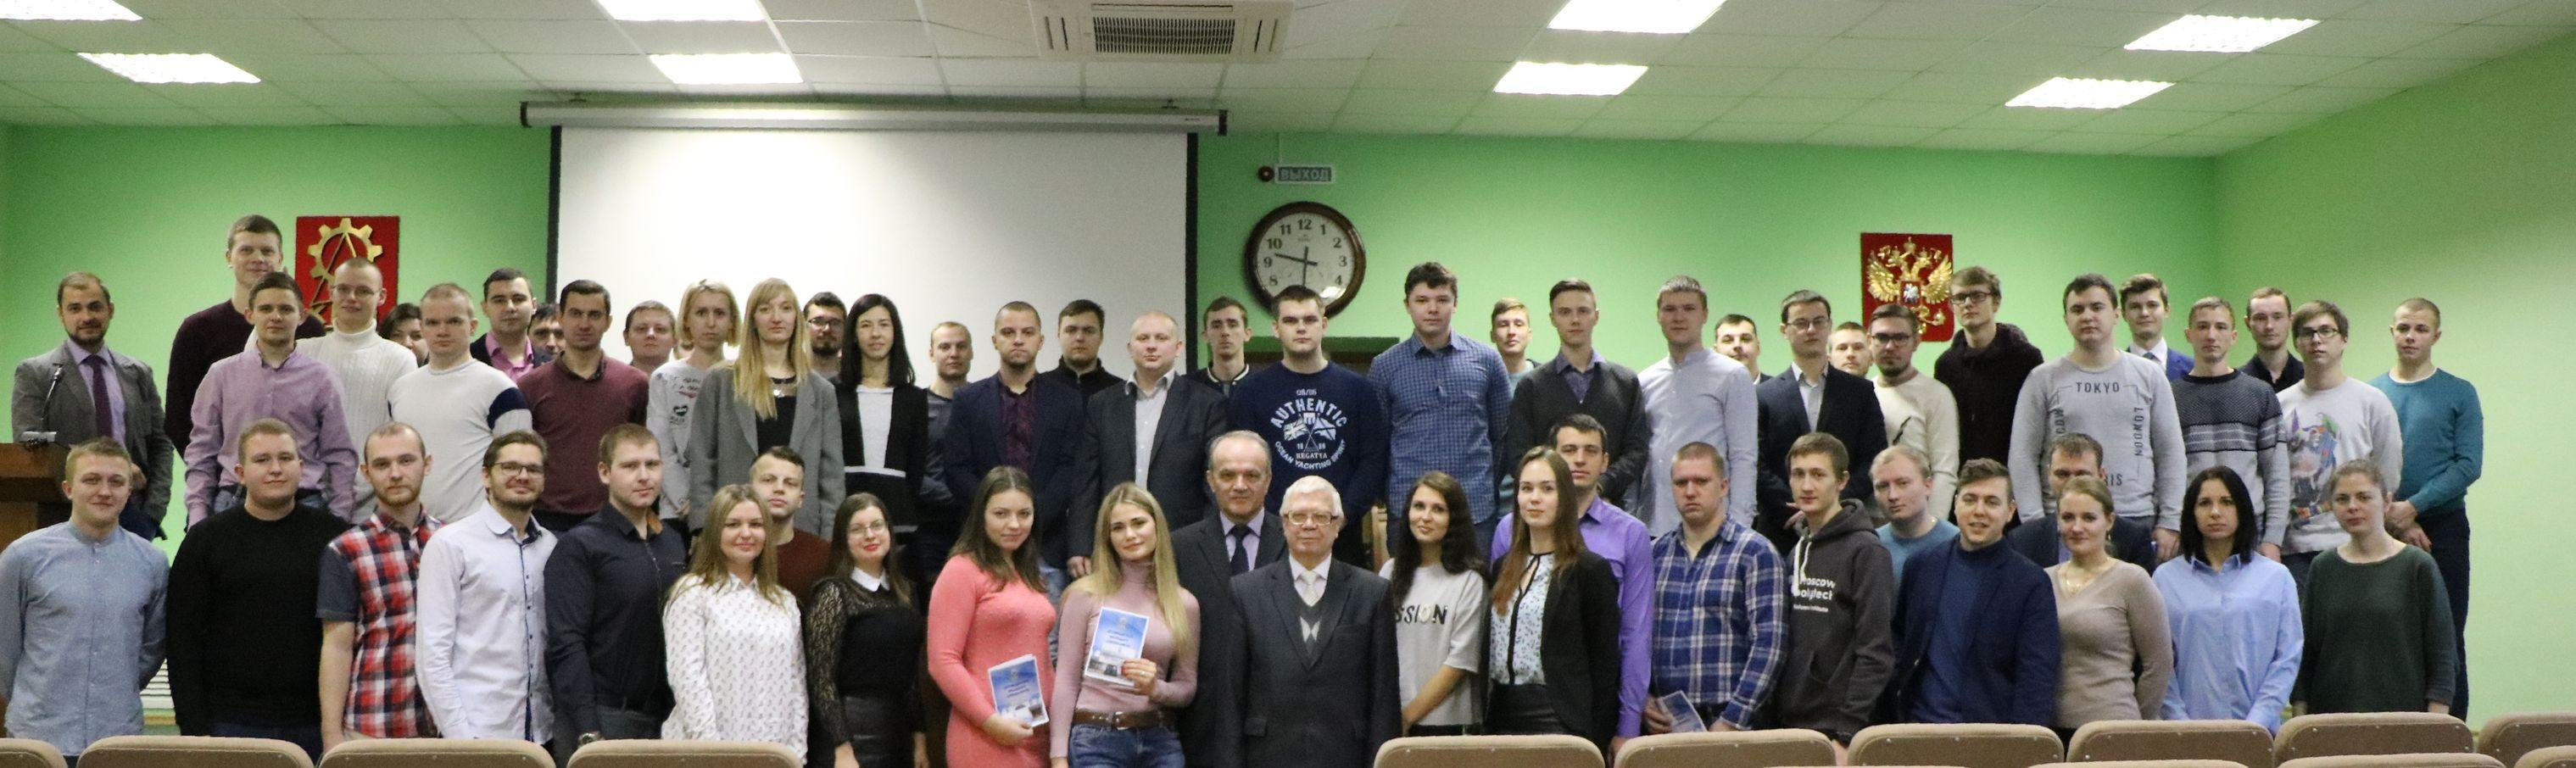 Новости Коломны   Школа молодого специалиста КБМ выпустила 62 человека Фото (Коломна)   iz zhizni kolomnyi